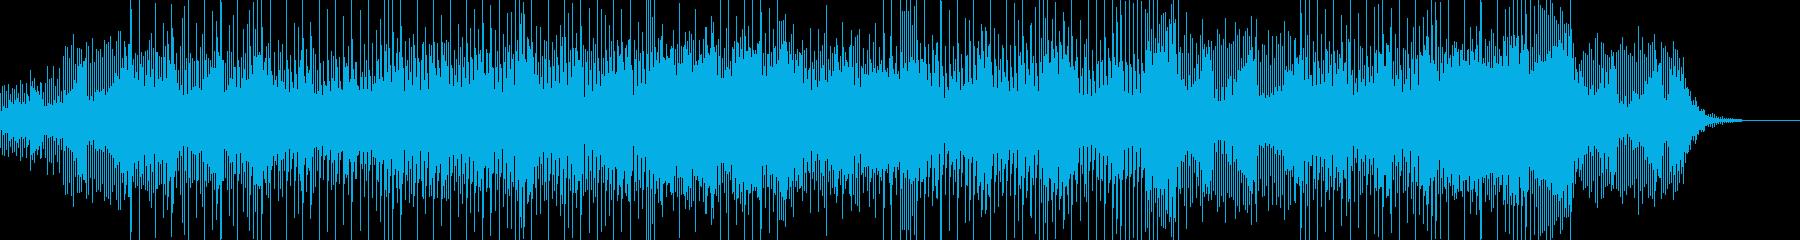 駆け抜けるTechno系ミュージックの再生済みの波形